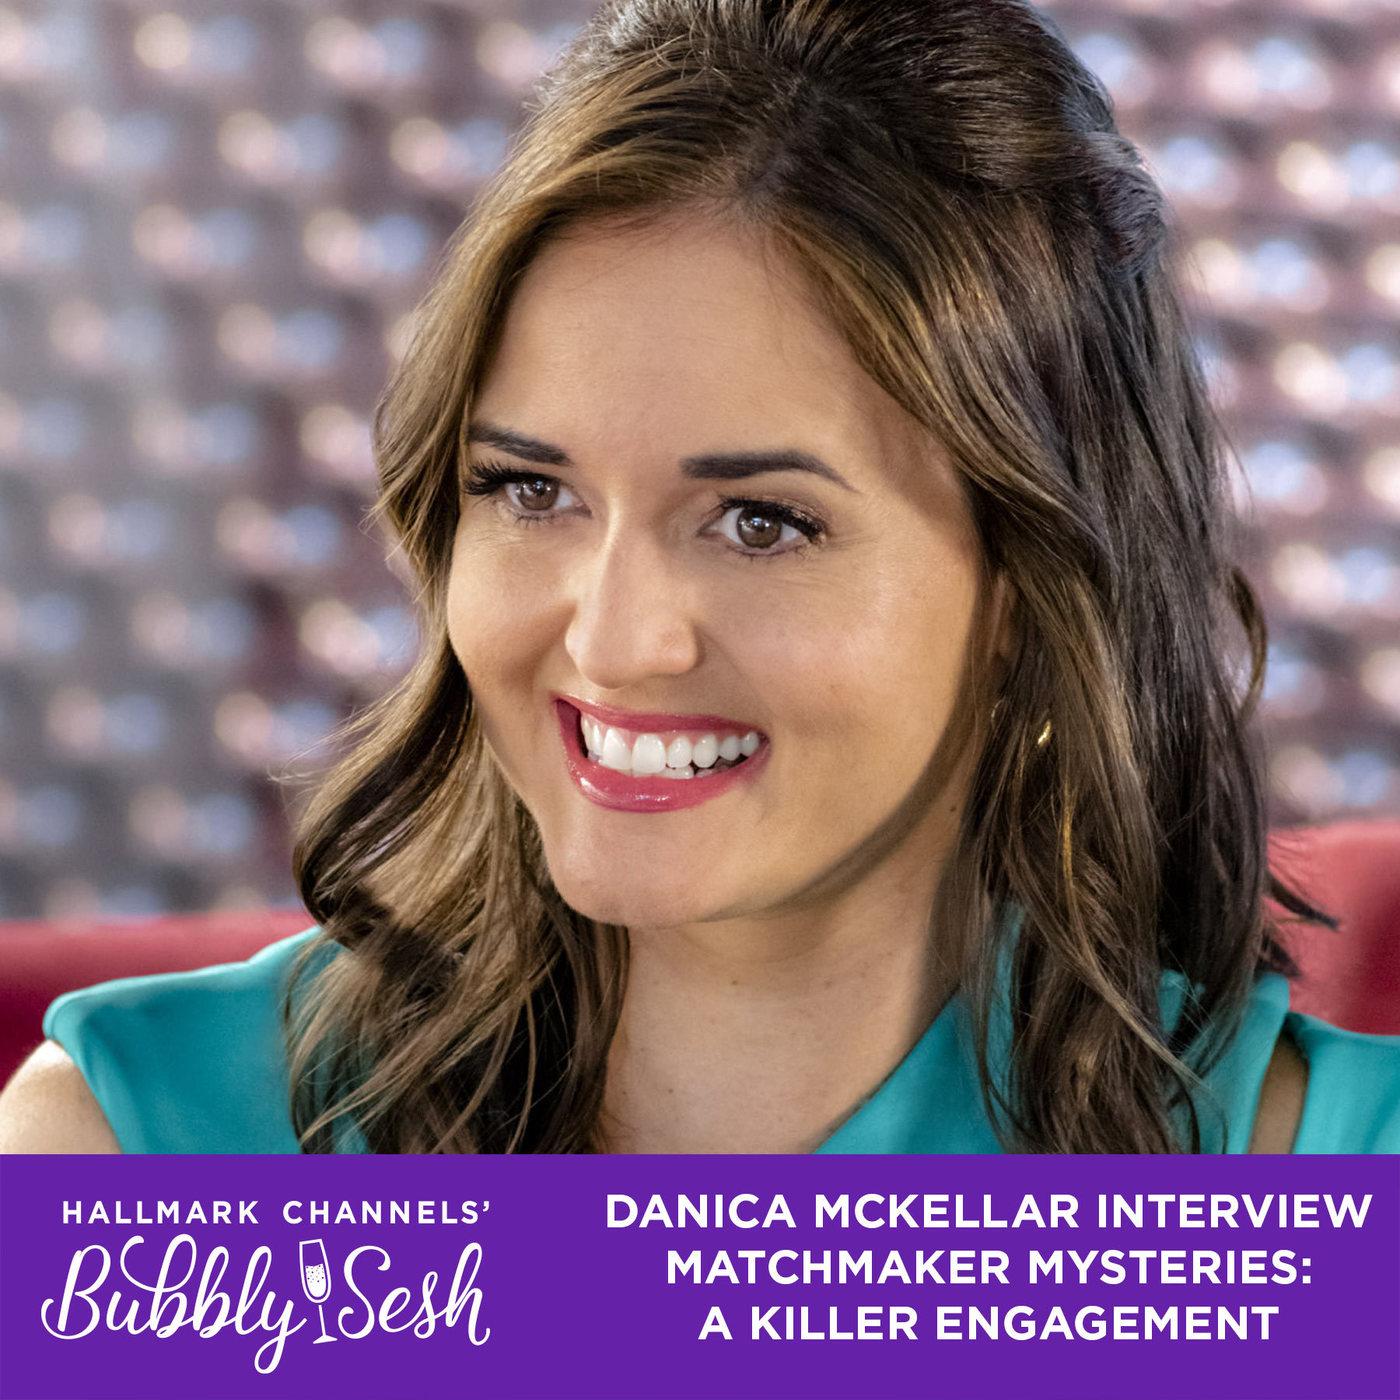 Danica McKellar Interview: Matchmaker Mysteries: A Killer Engagement